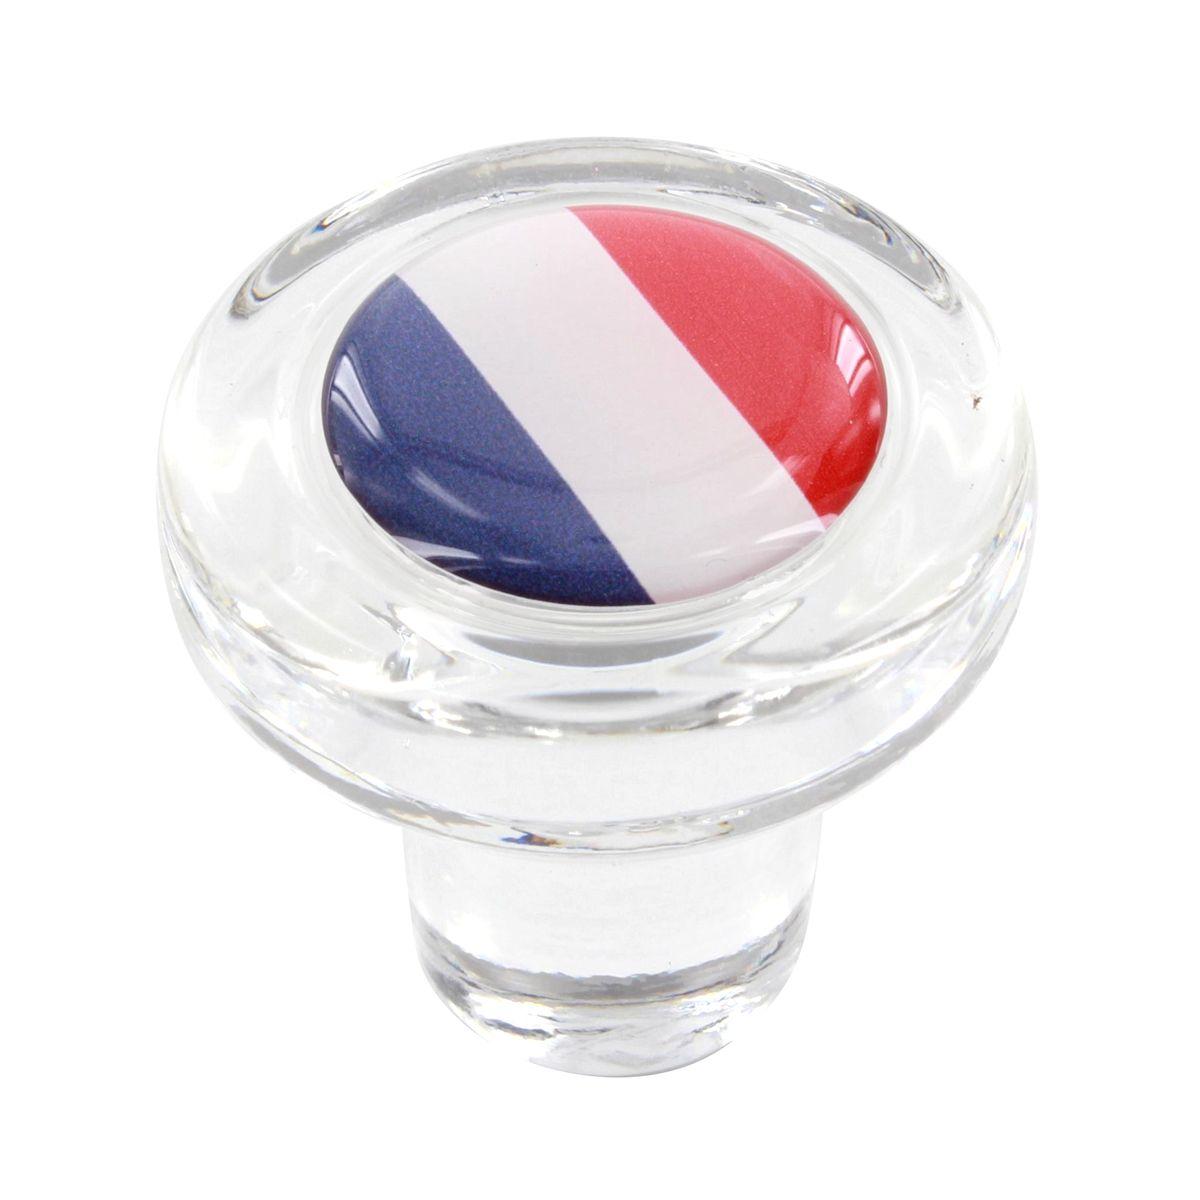 Bouchon en verre drapeau français - Cevenpack